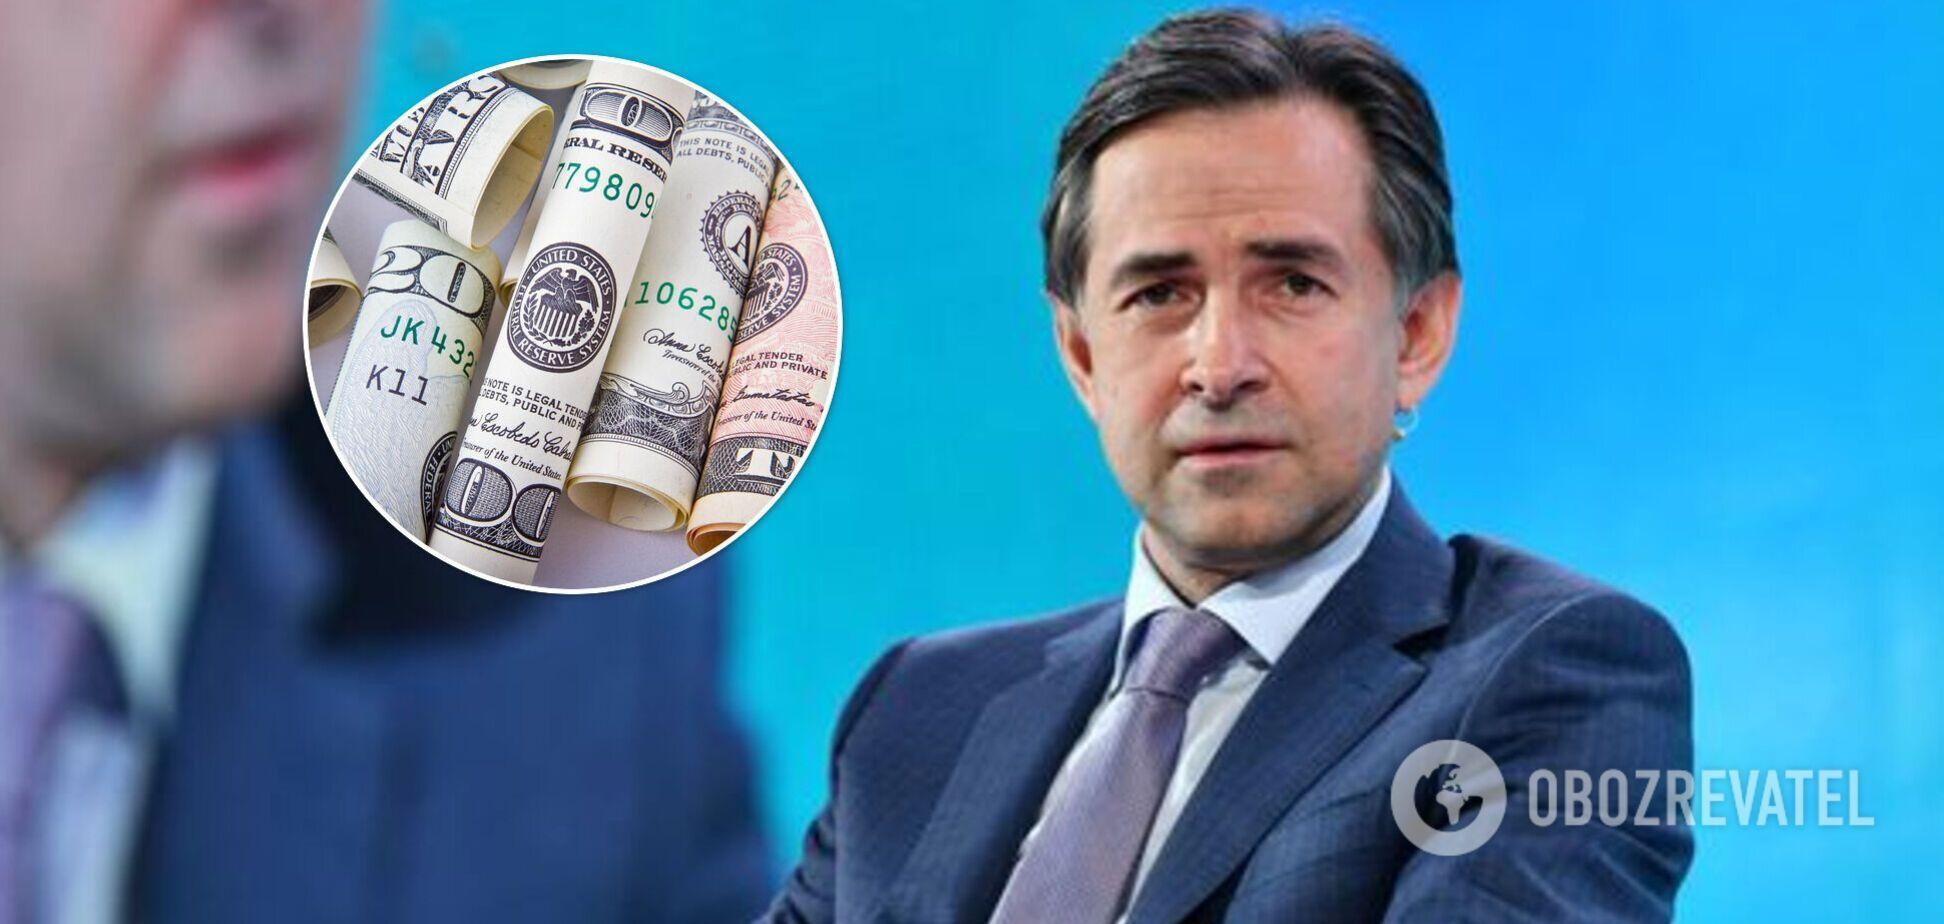 Україна безболісно проведе пікові виплати за держборгом: Любченко розповів, звідки візьмуть гроші